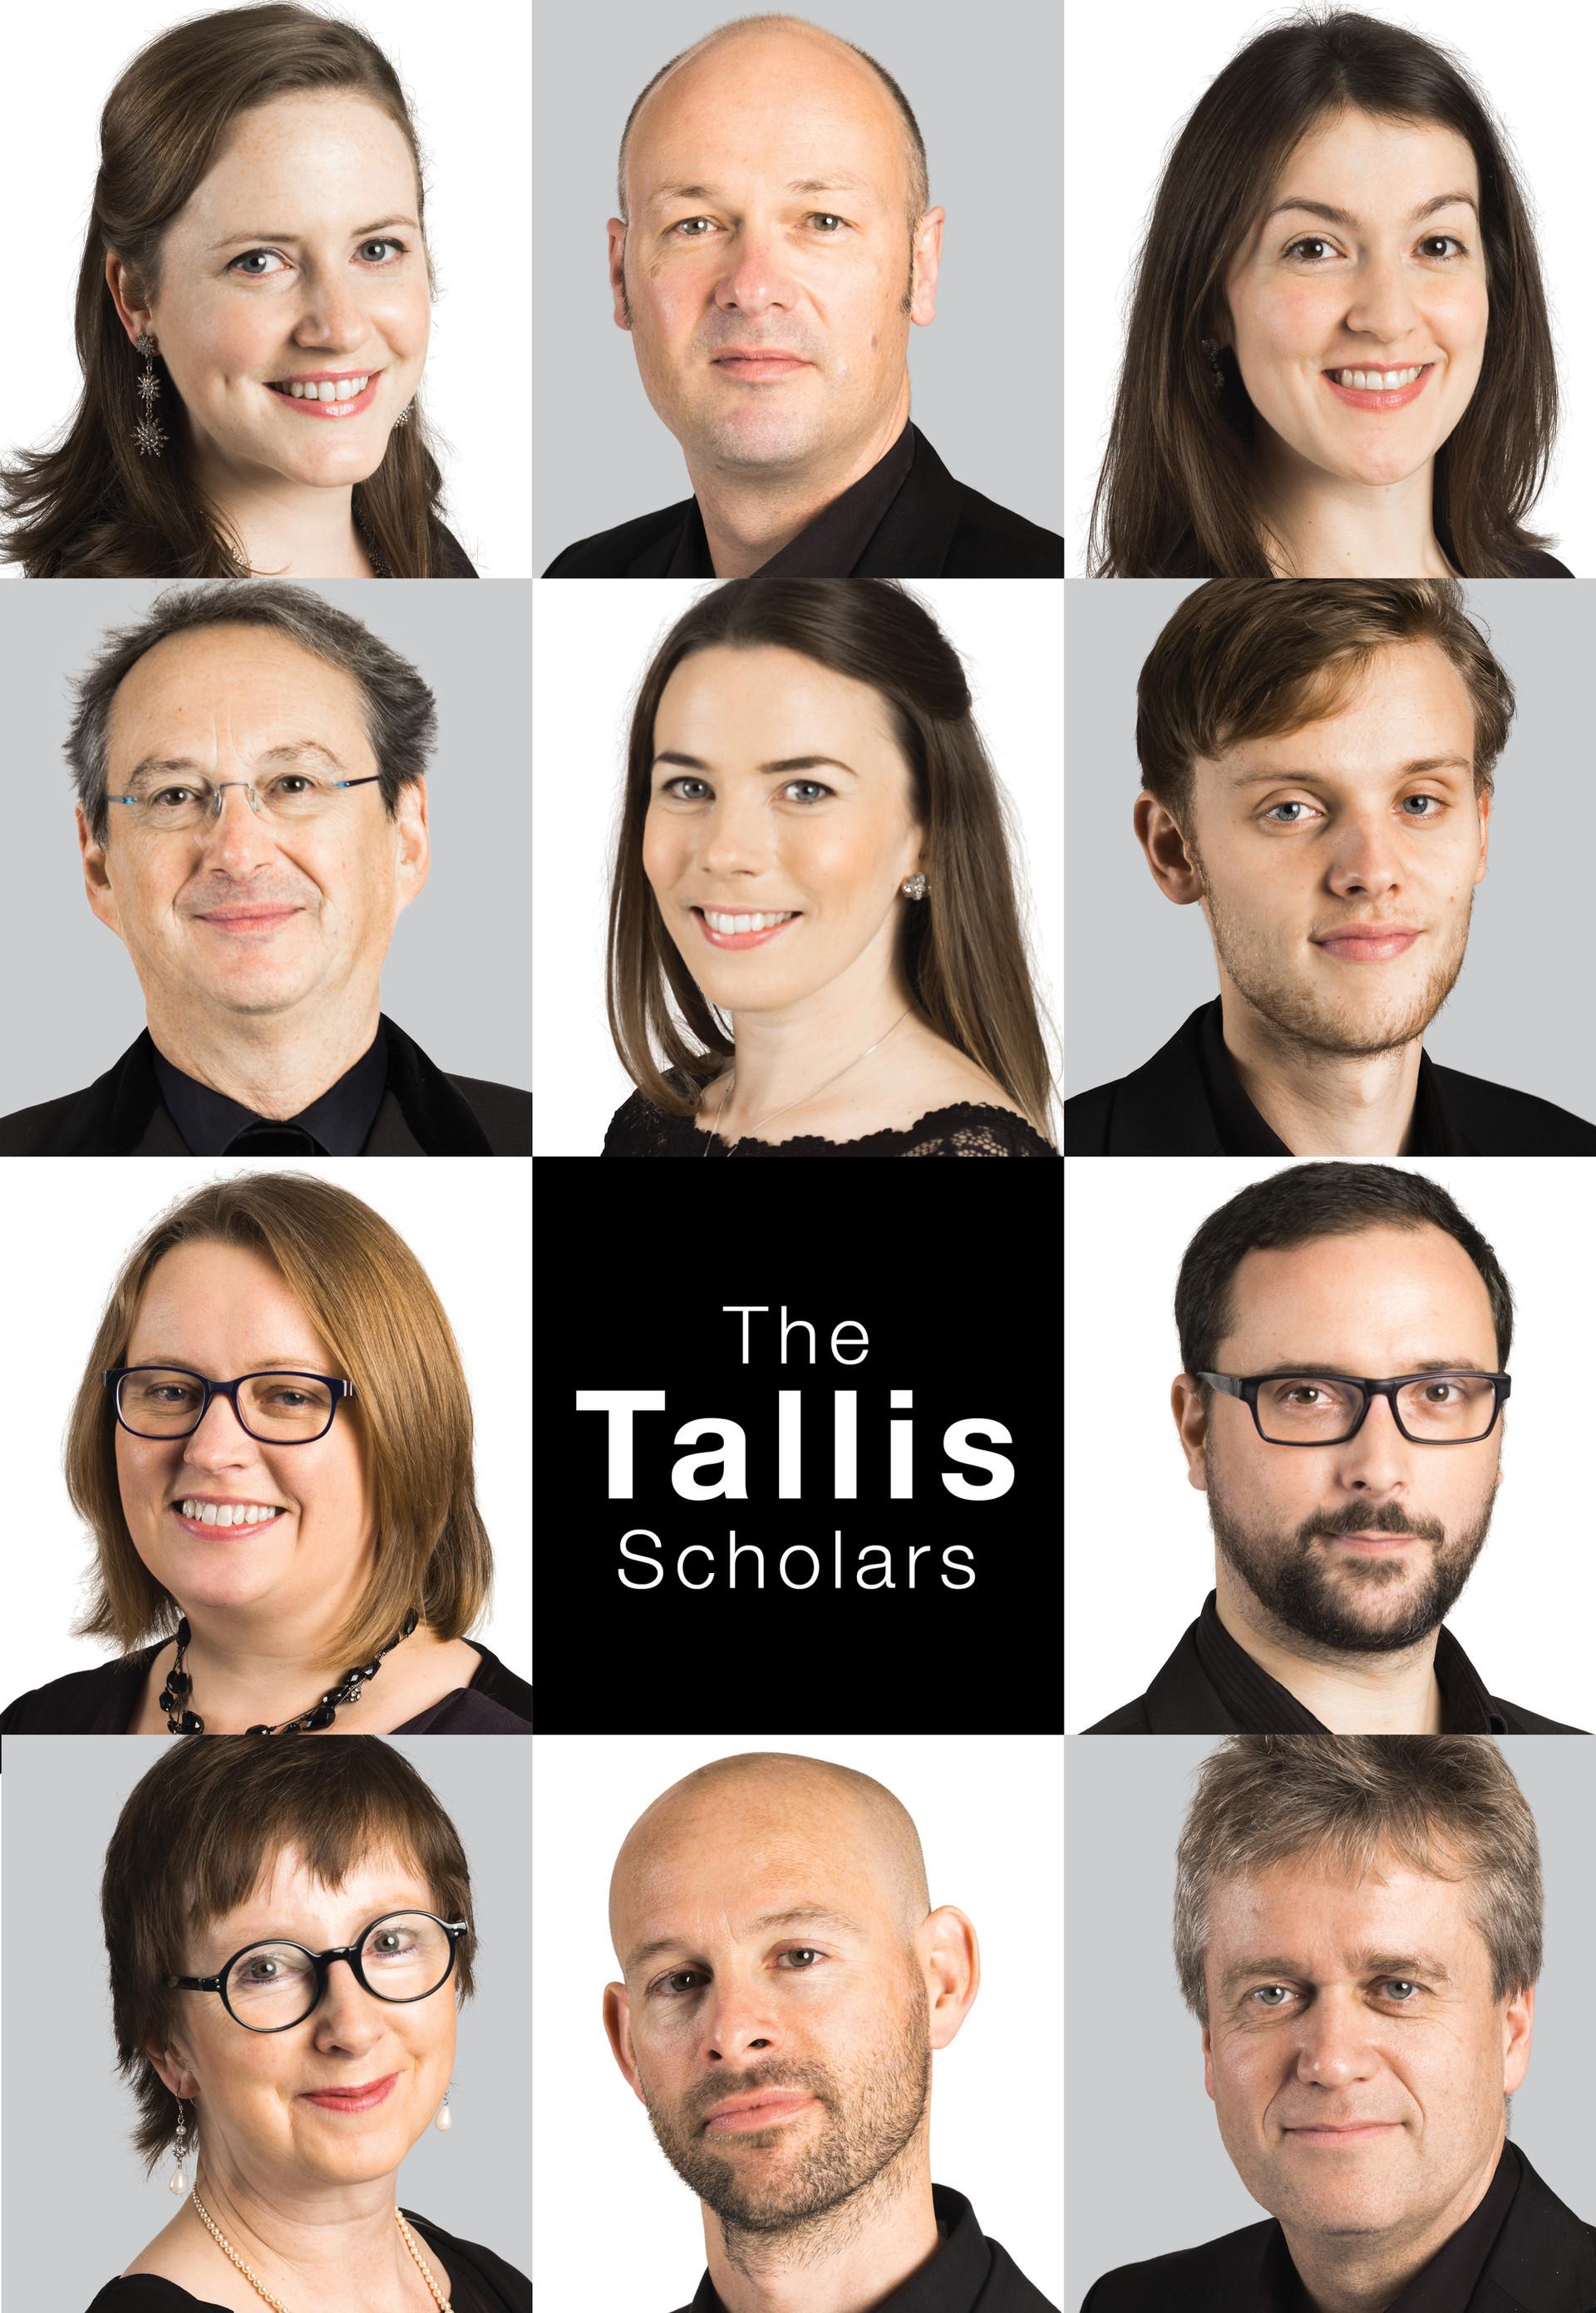 The Tallis Scholars 2017